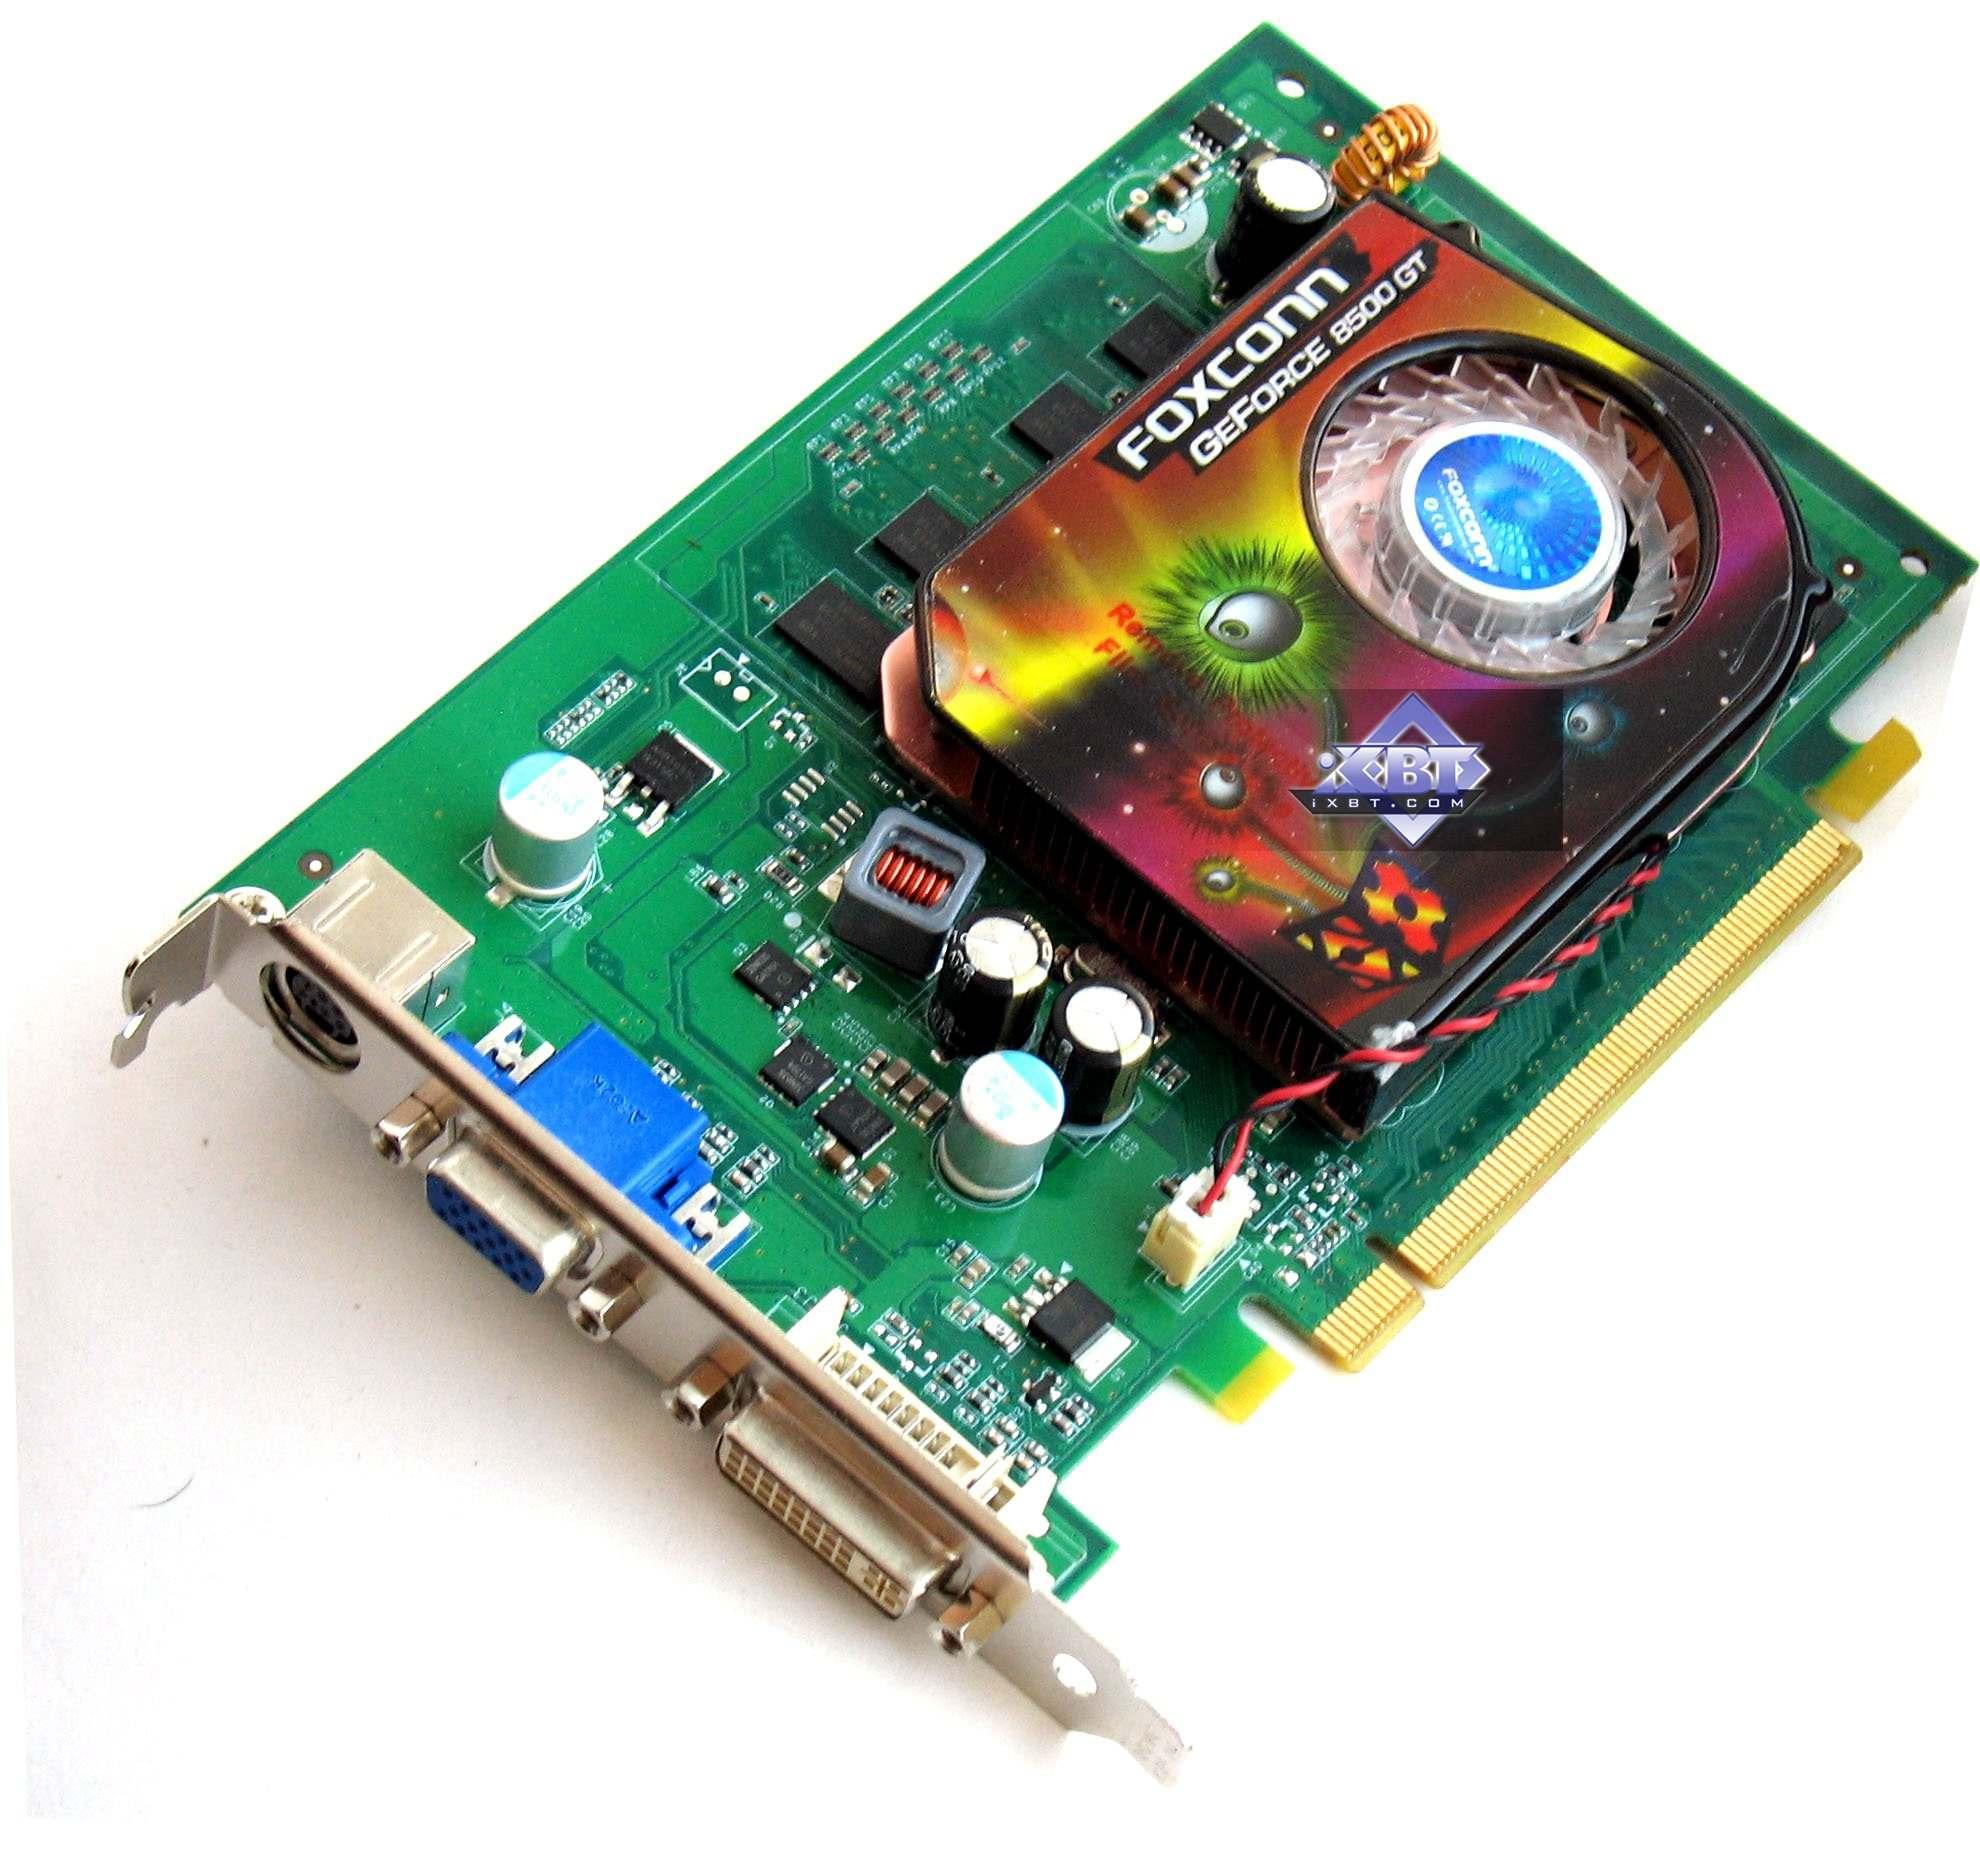 скачать драйвер nvidia geforce 8500 gt (asus en8500gt)